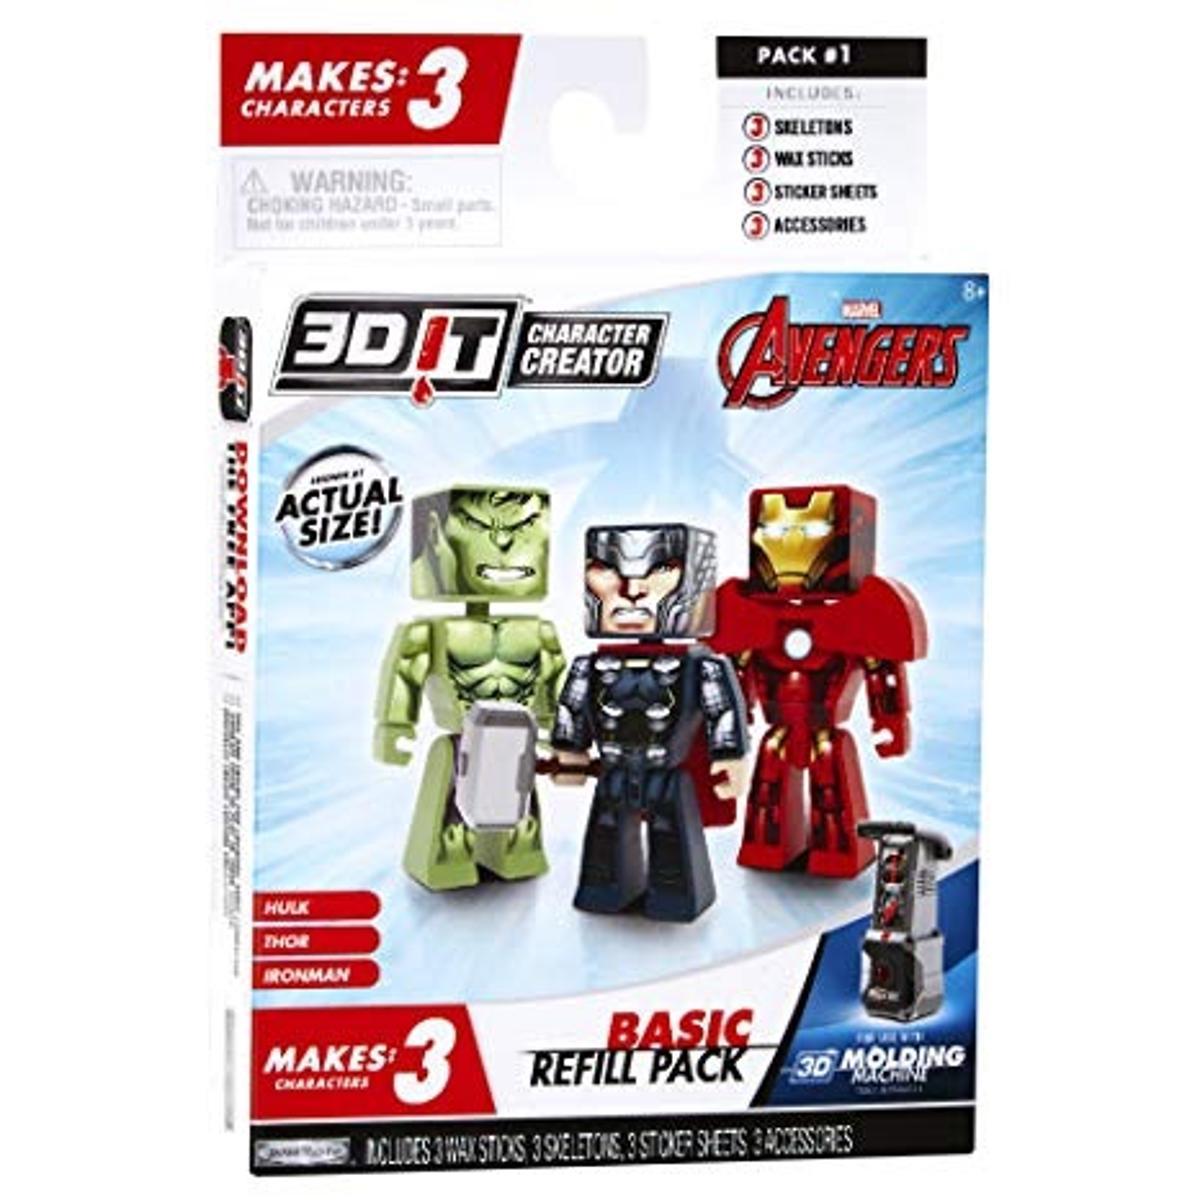 3D Character Creator Marvel Avengers Basic Refill Pack